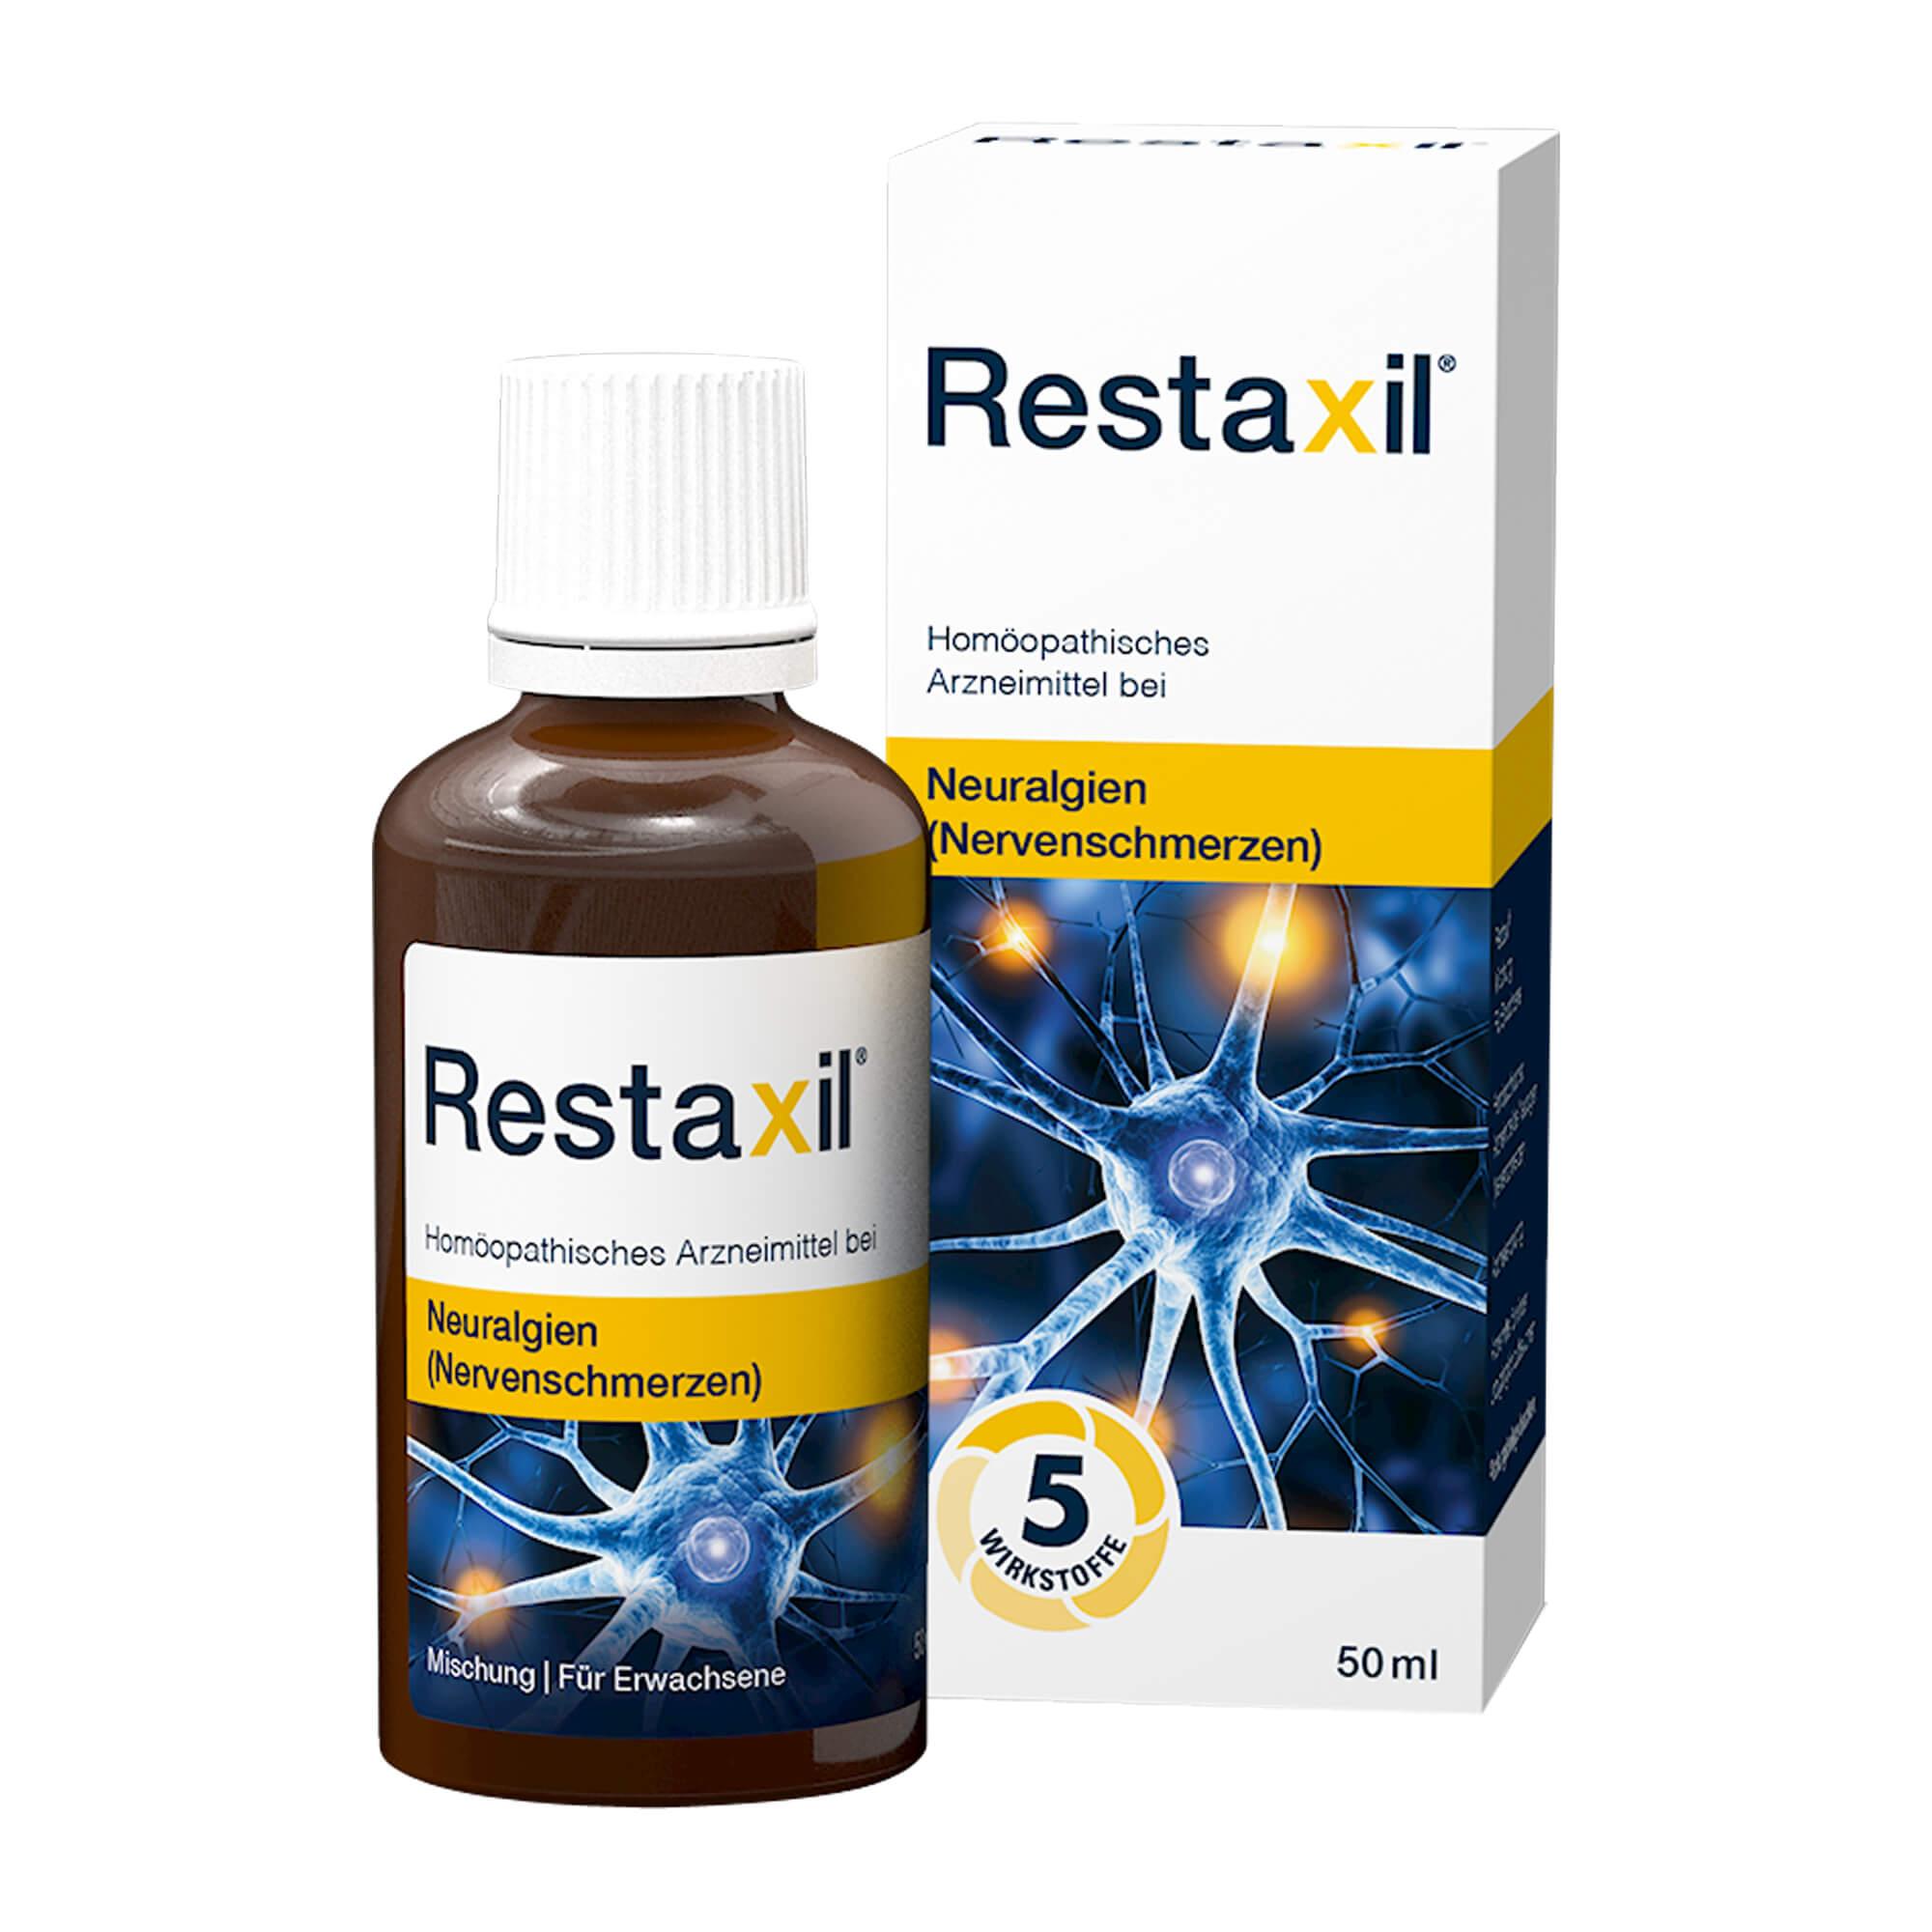 Restaxil flüssig bei Nervenschmerzen